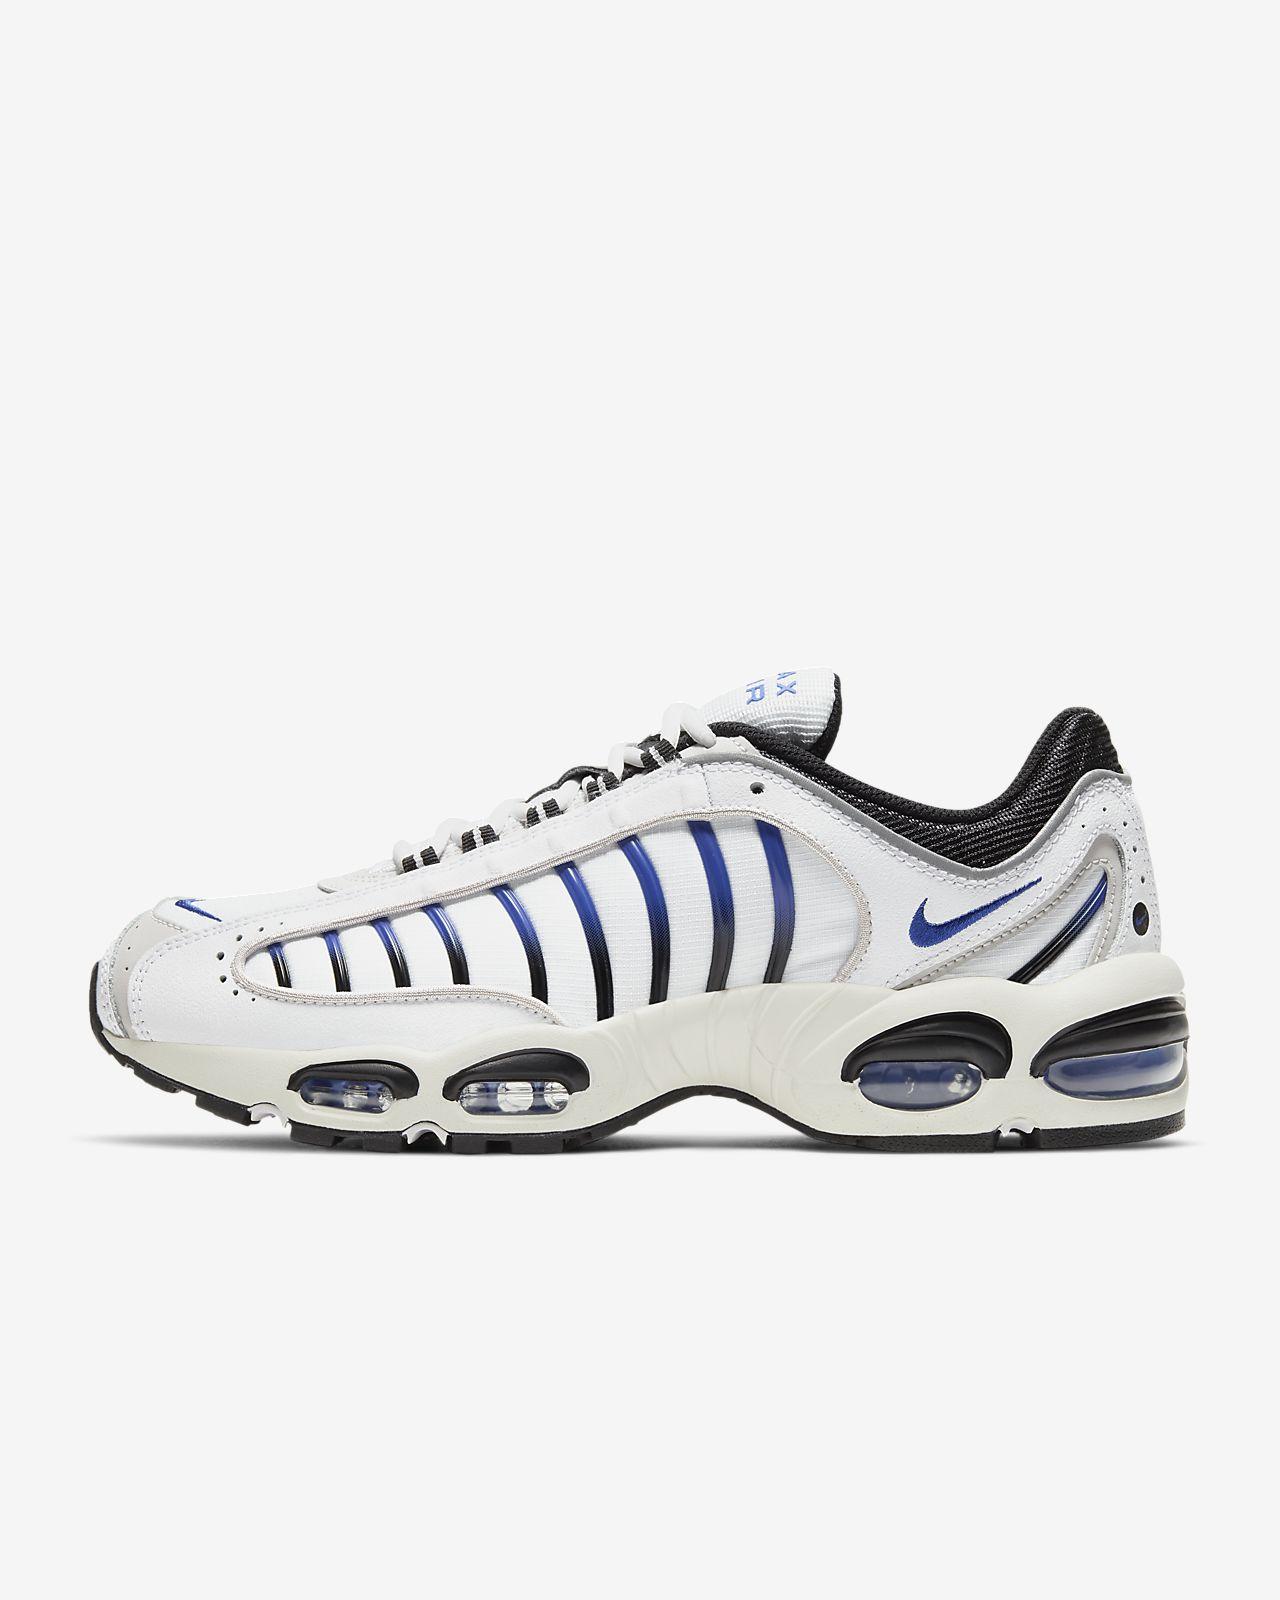 Nike Air Max Tailwind IV Erkek Ayakkabısı